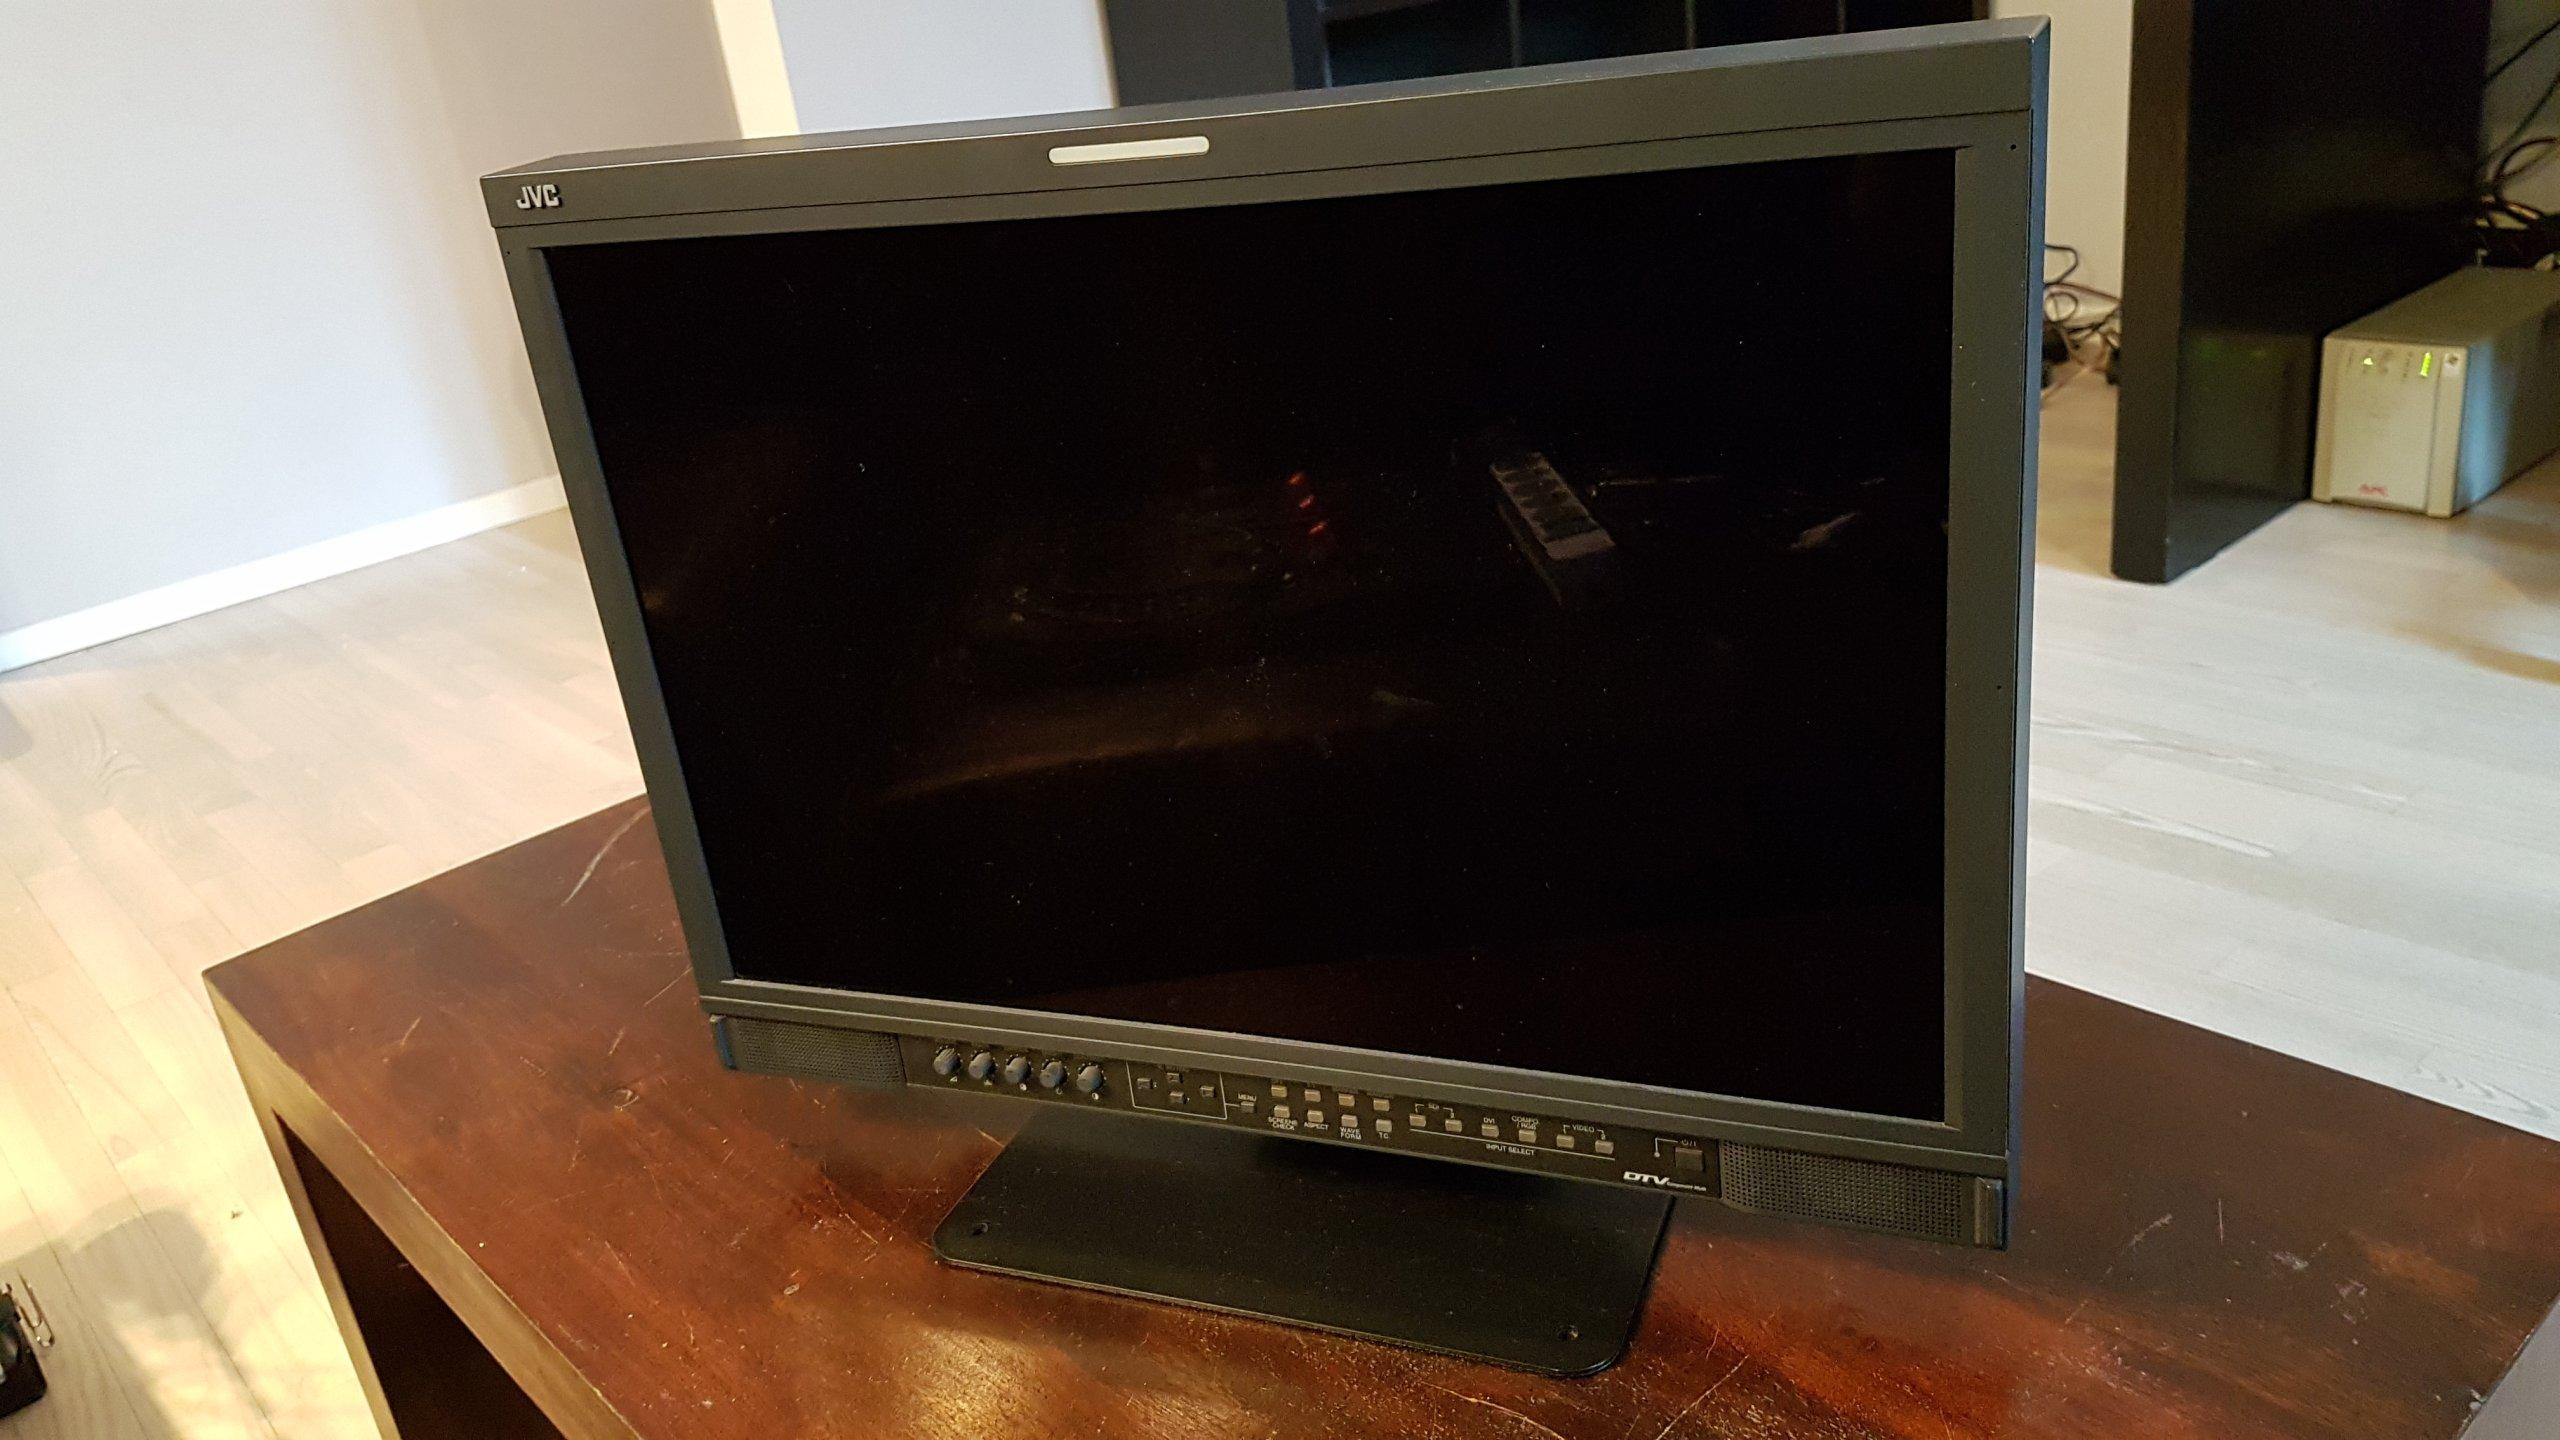 JVC DT-V24L3D pro monitor SDI